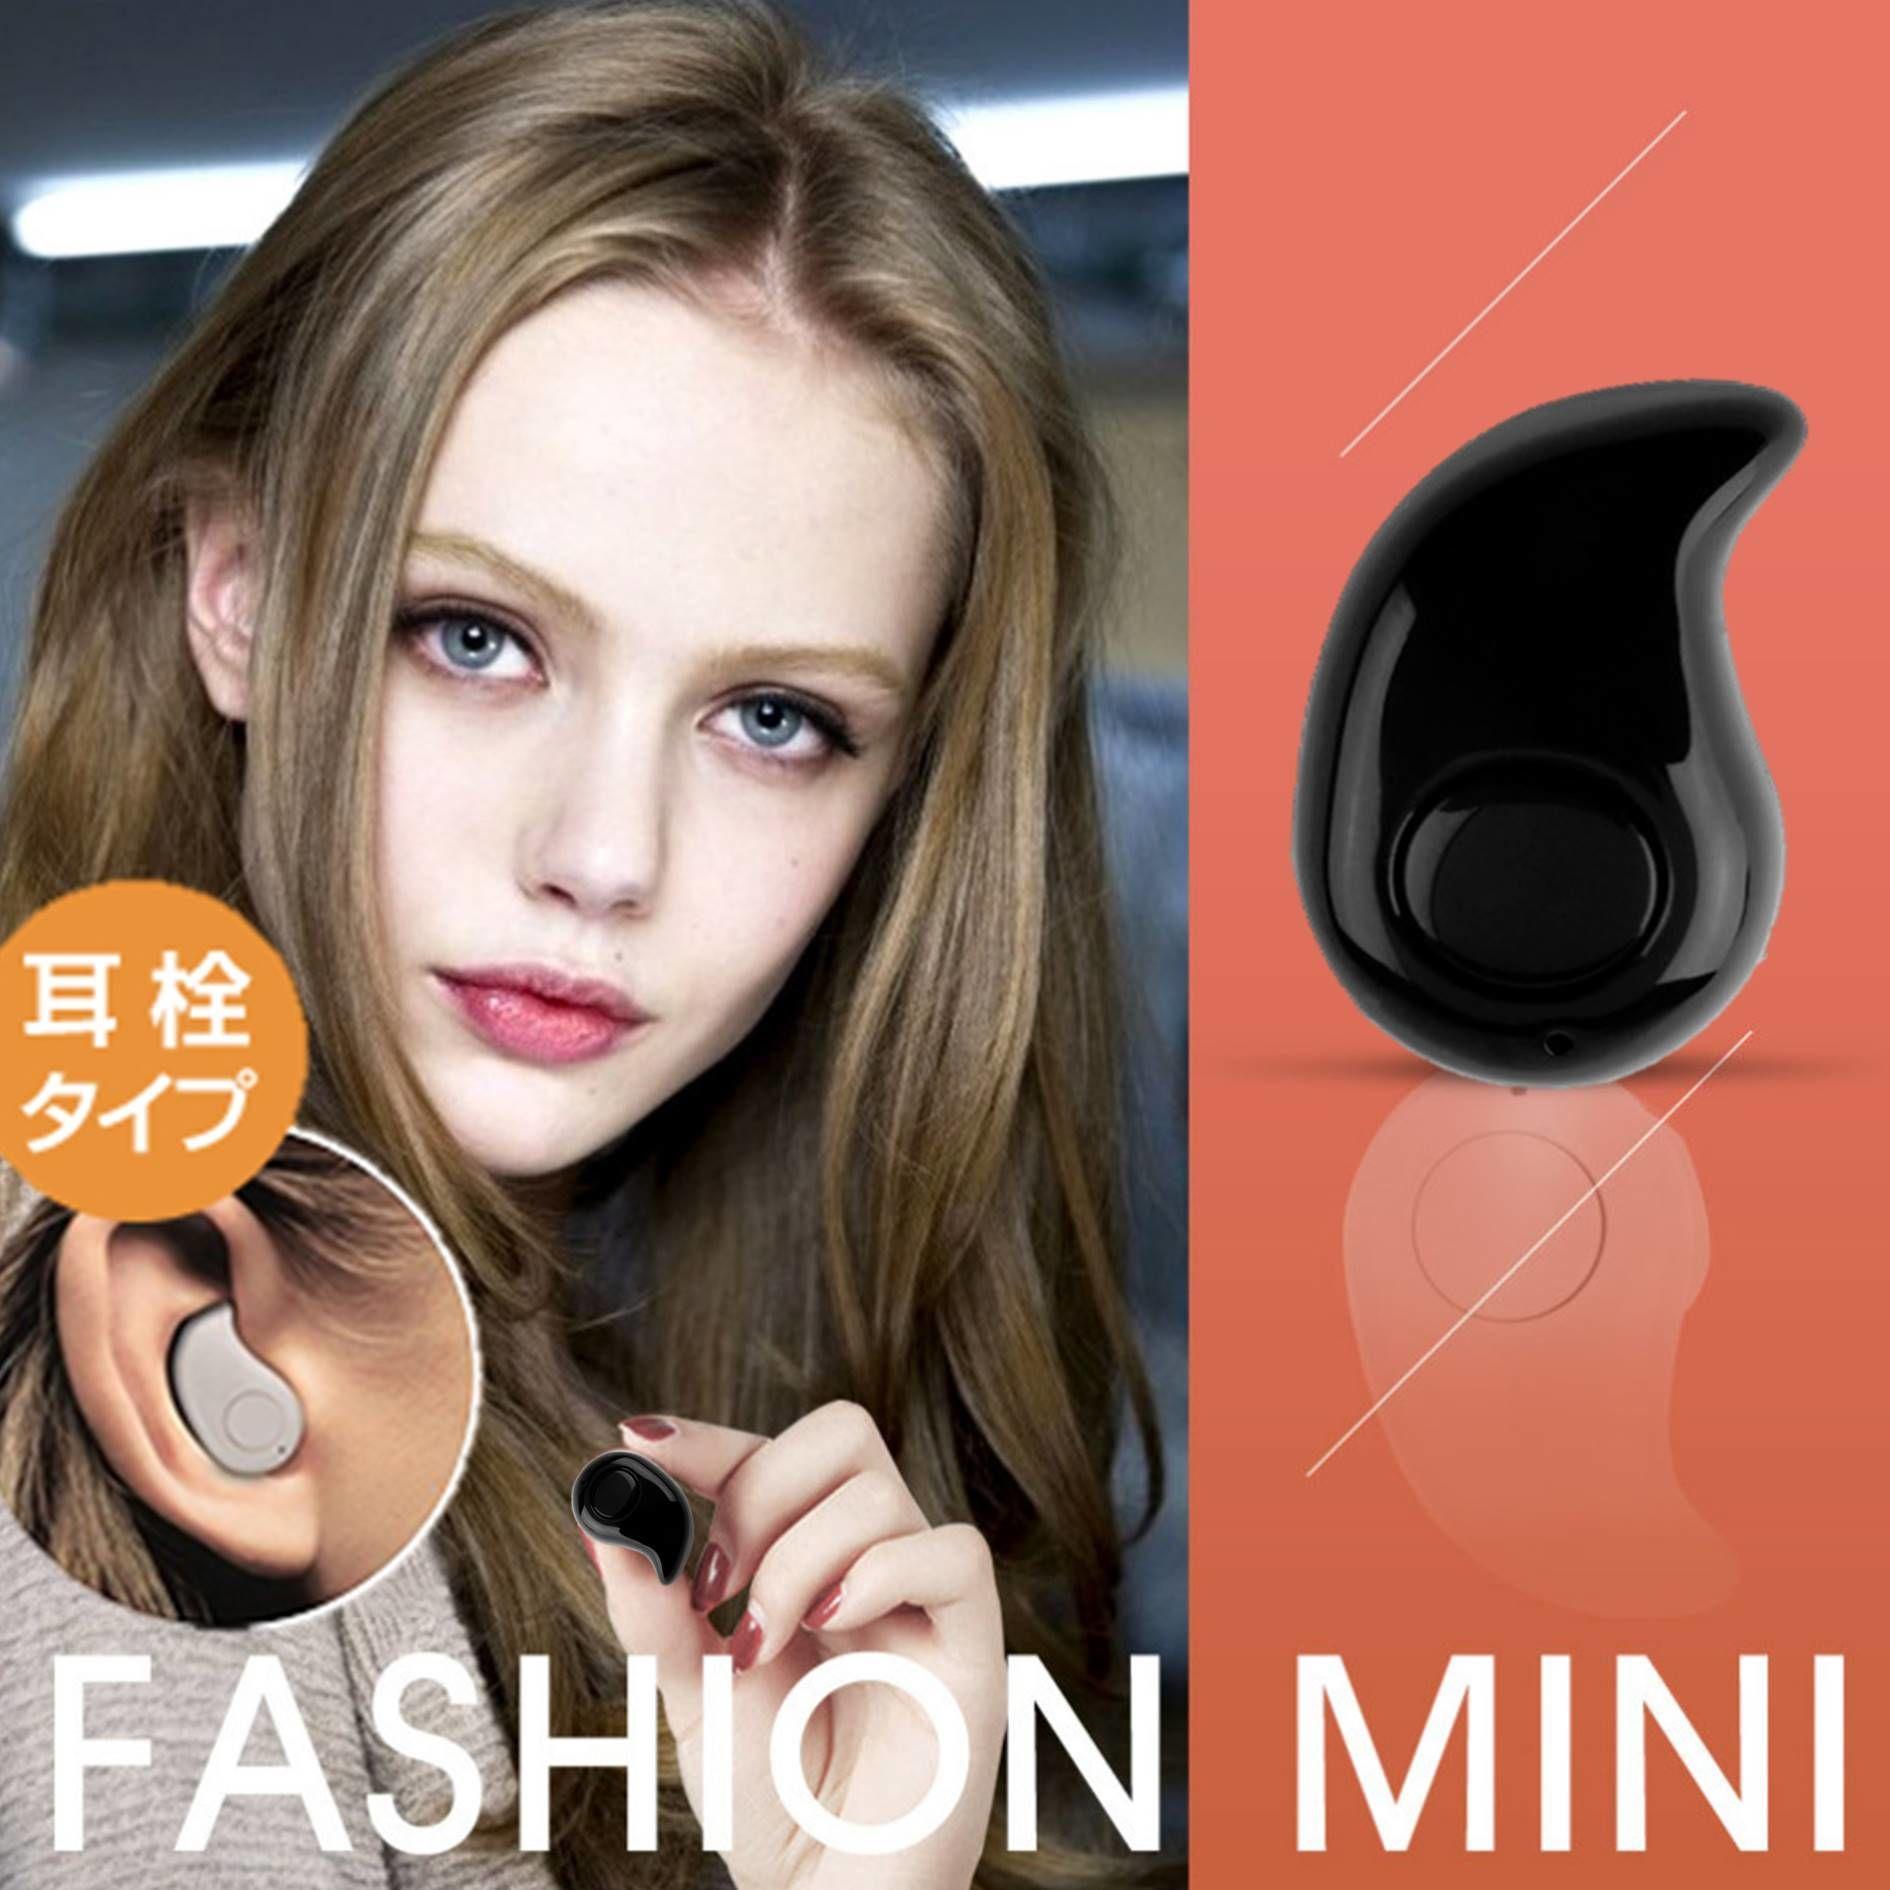 【Michelle Noel】ミニワイヤレス イヤホン/ヘッドホン Bluetooth4.0  マイク付きハンズフリーヘッドセット